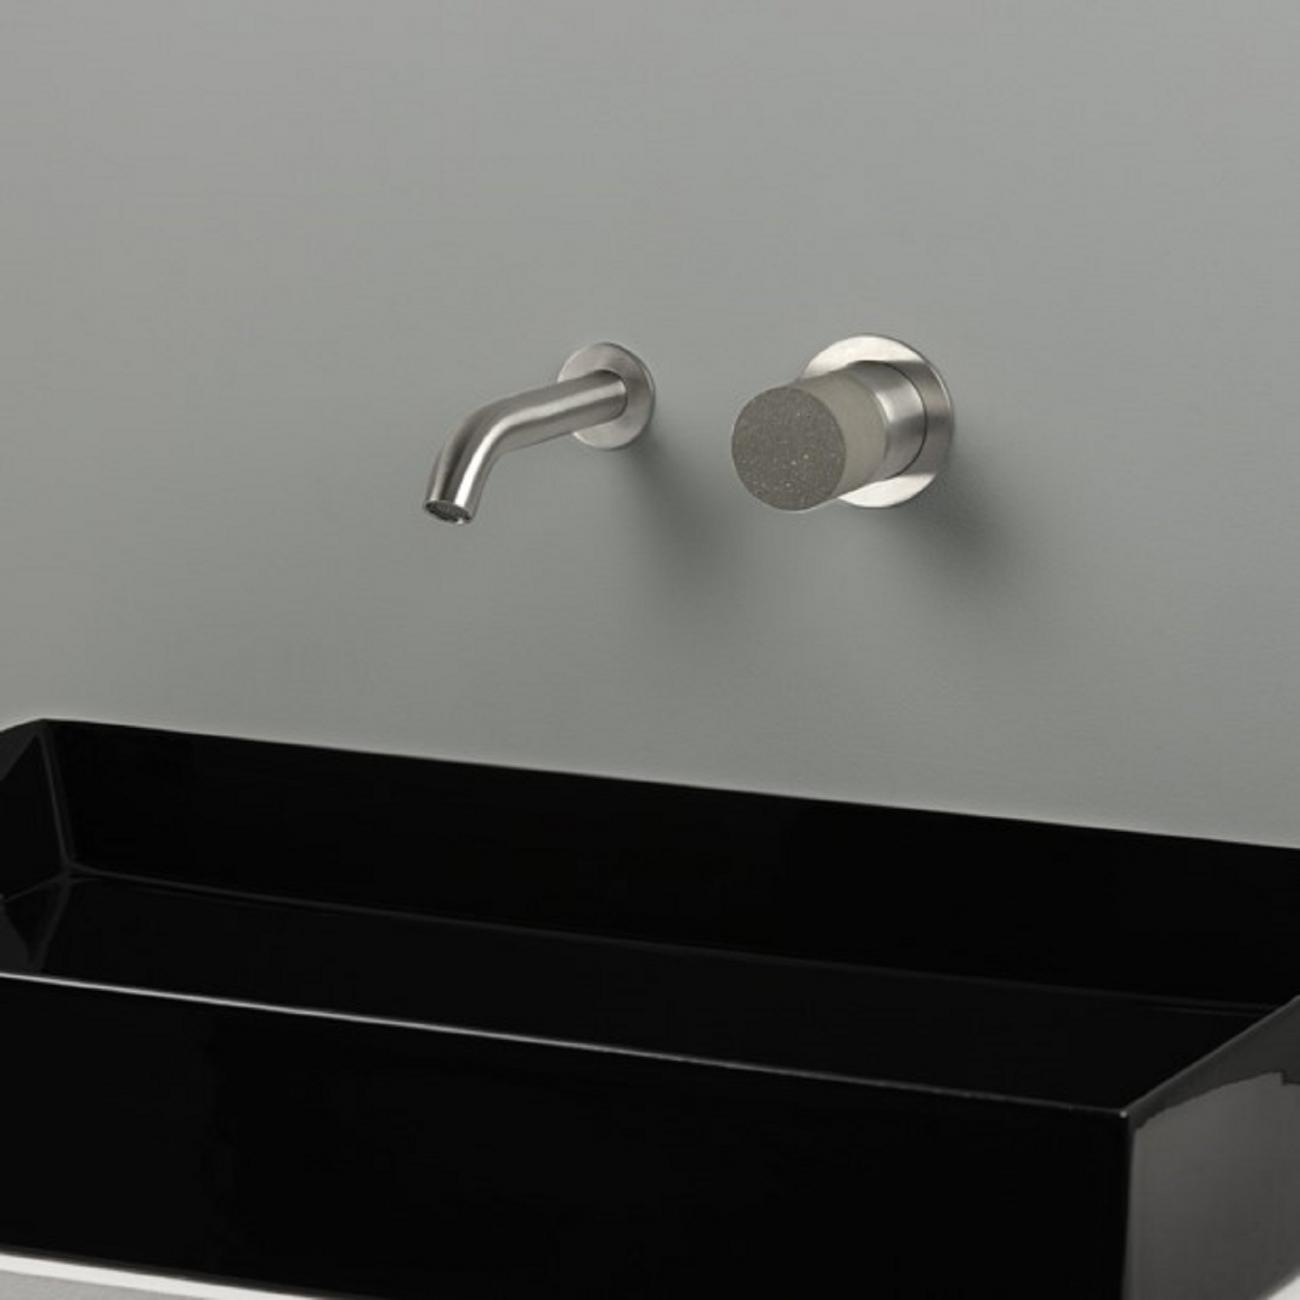 Miscelatore A Muro Per Lavabo ritmonio diametro35 inox concrete miscelatore lavabo a parete - tattahome